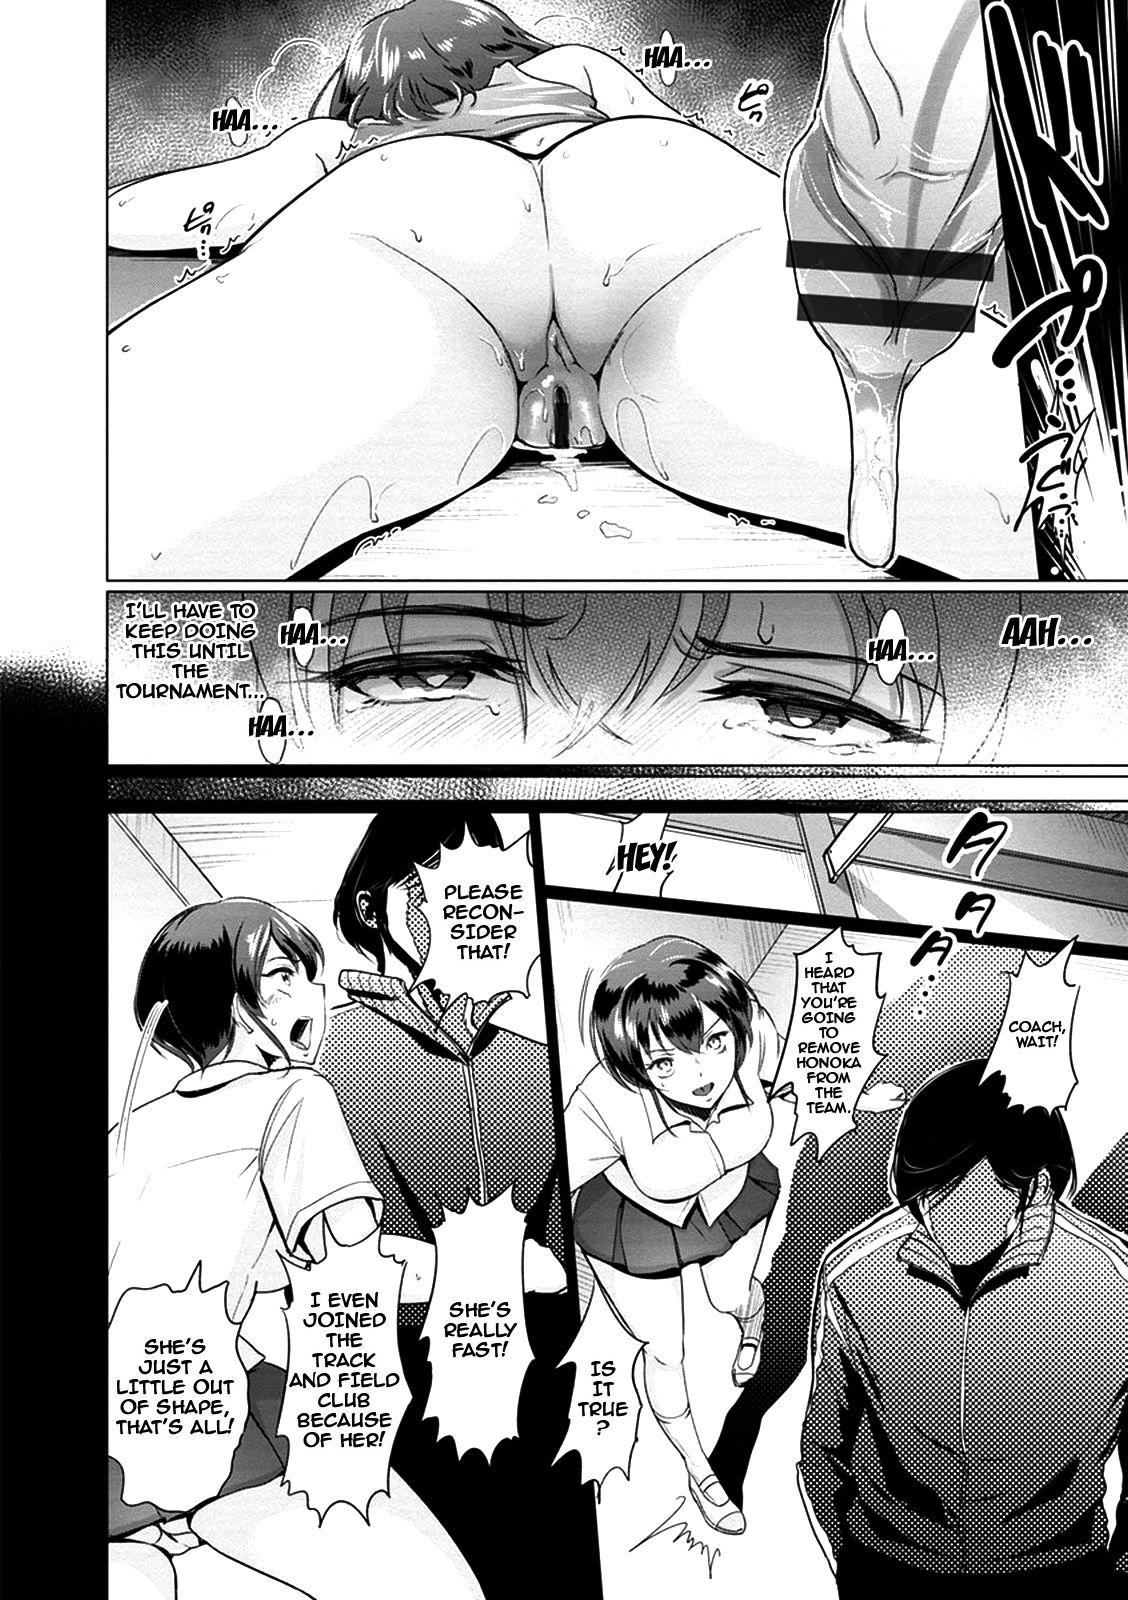 [bifidus] Rikujoubu Ran-chan no Yuuutsu | Ran-chan's Melancholy (Kimi o Sasou Uzuki Ana) [English] {doujins.com} [Digital] 5